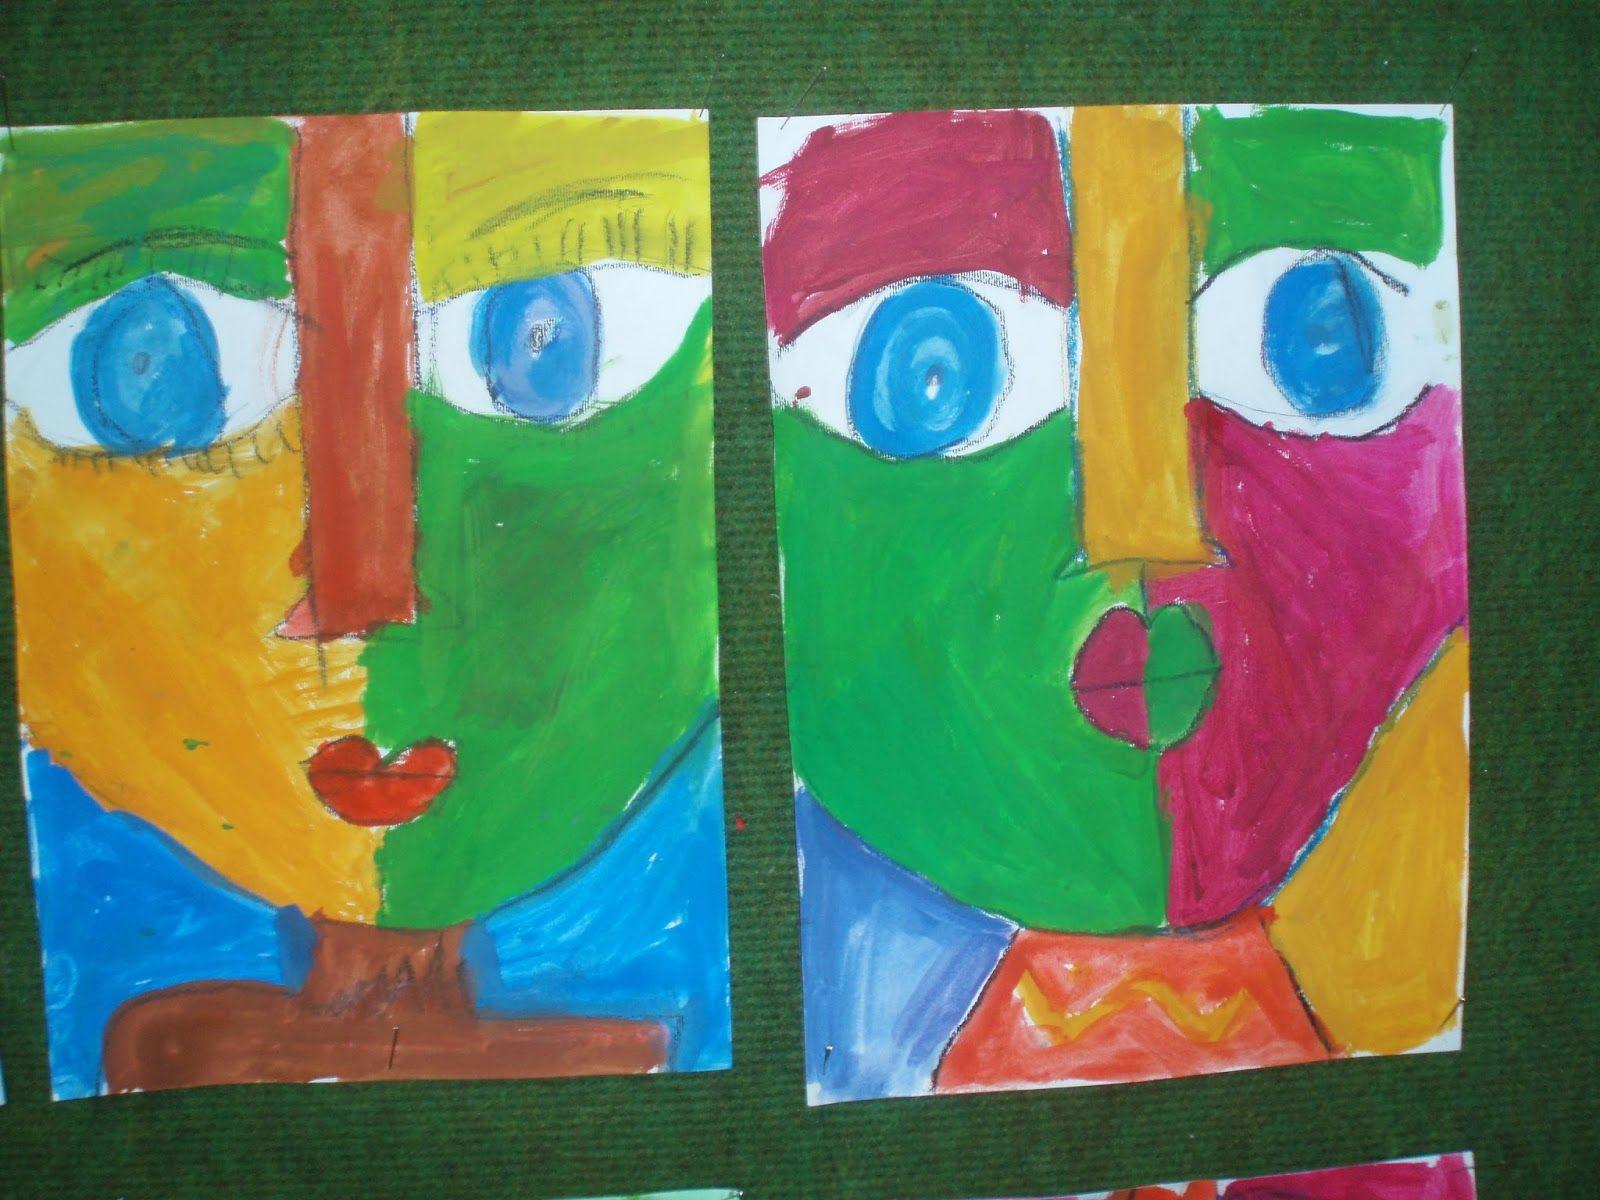 Kindergarden Art Class Picasso Room- Readiness K4-5 Kindergarten